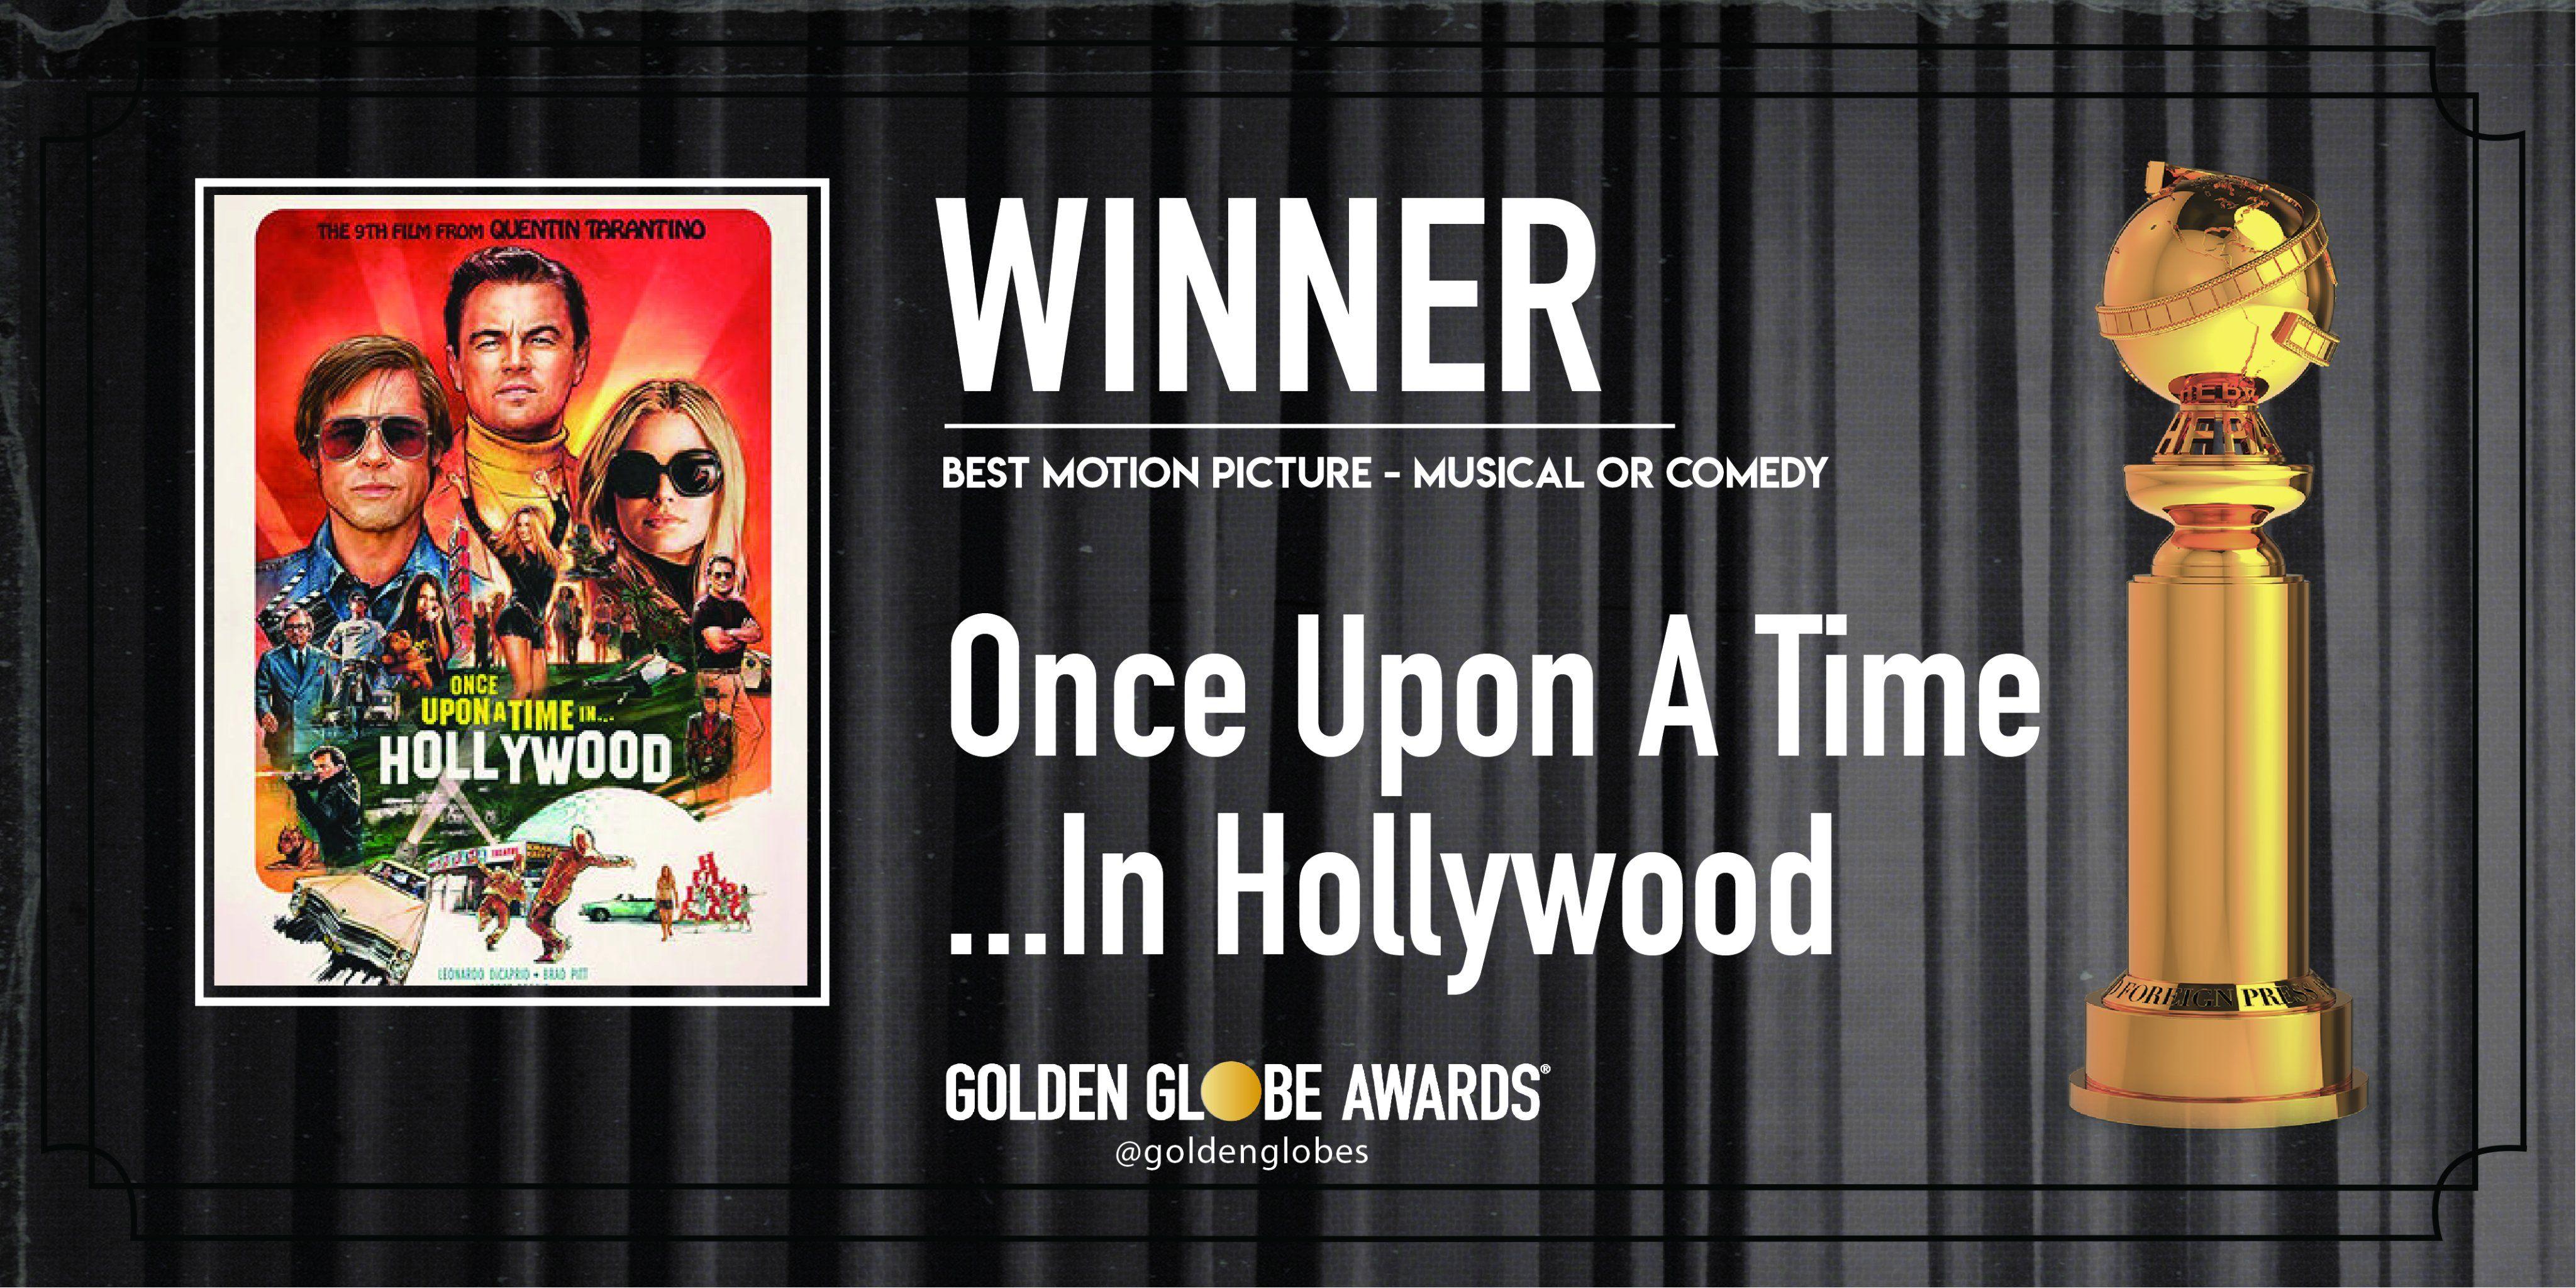 সেরা ছবি (মিউজিকাল/কমেডি) : ওয়ান্স আপঅন আ টাইম ইন হলিউড (ছবি সৌজন্য টুইটার @goldenglobes)